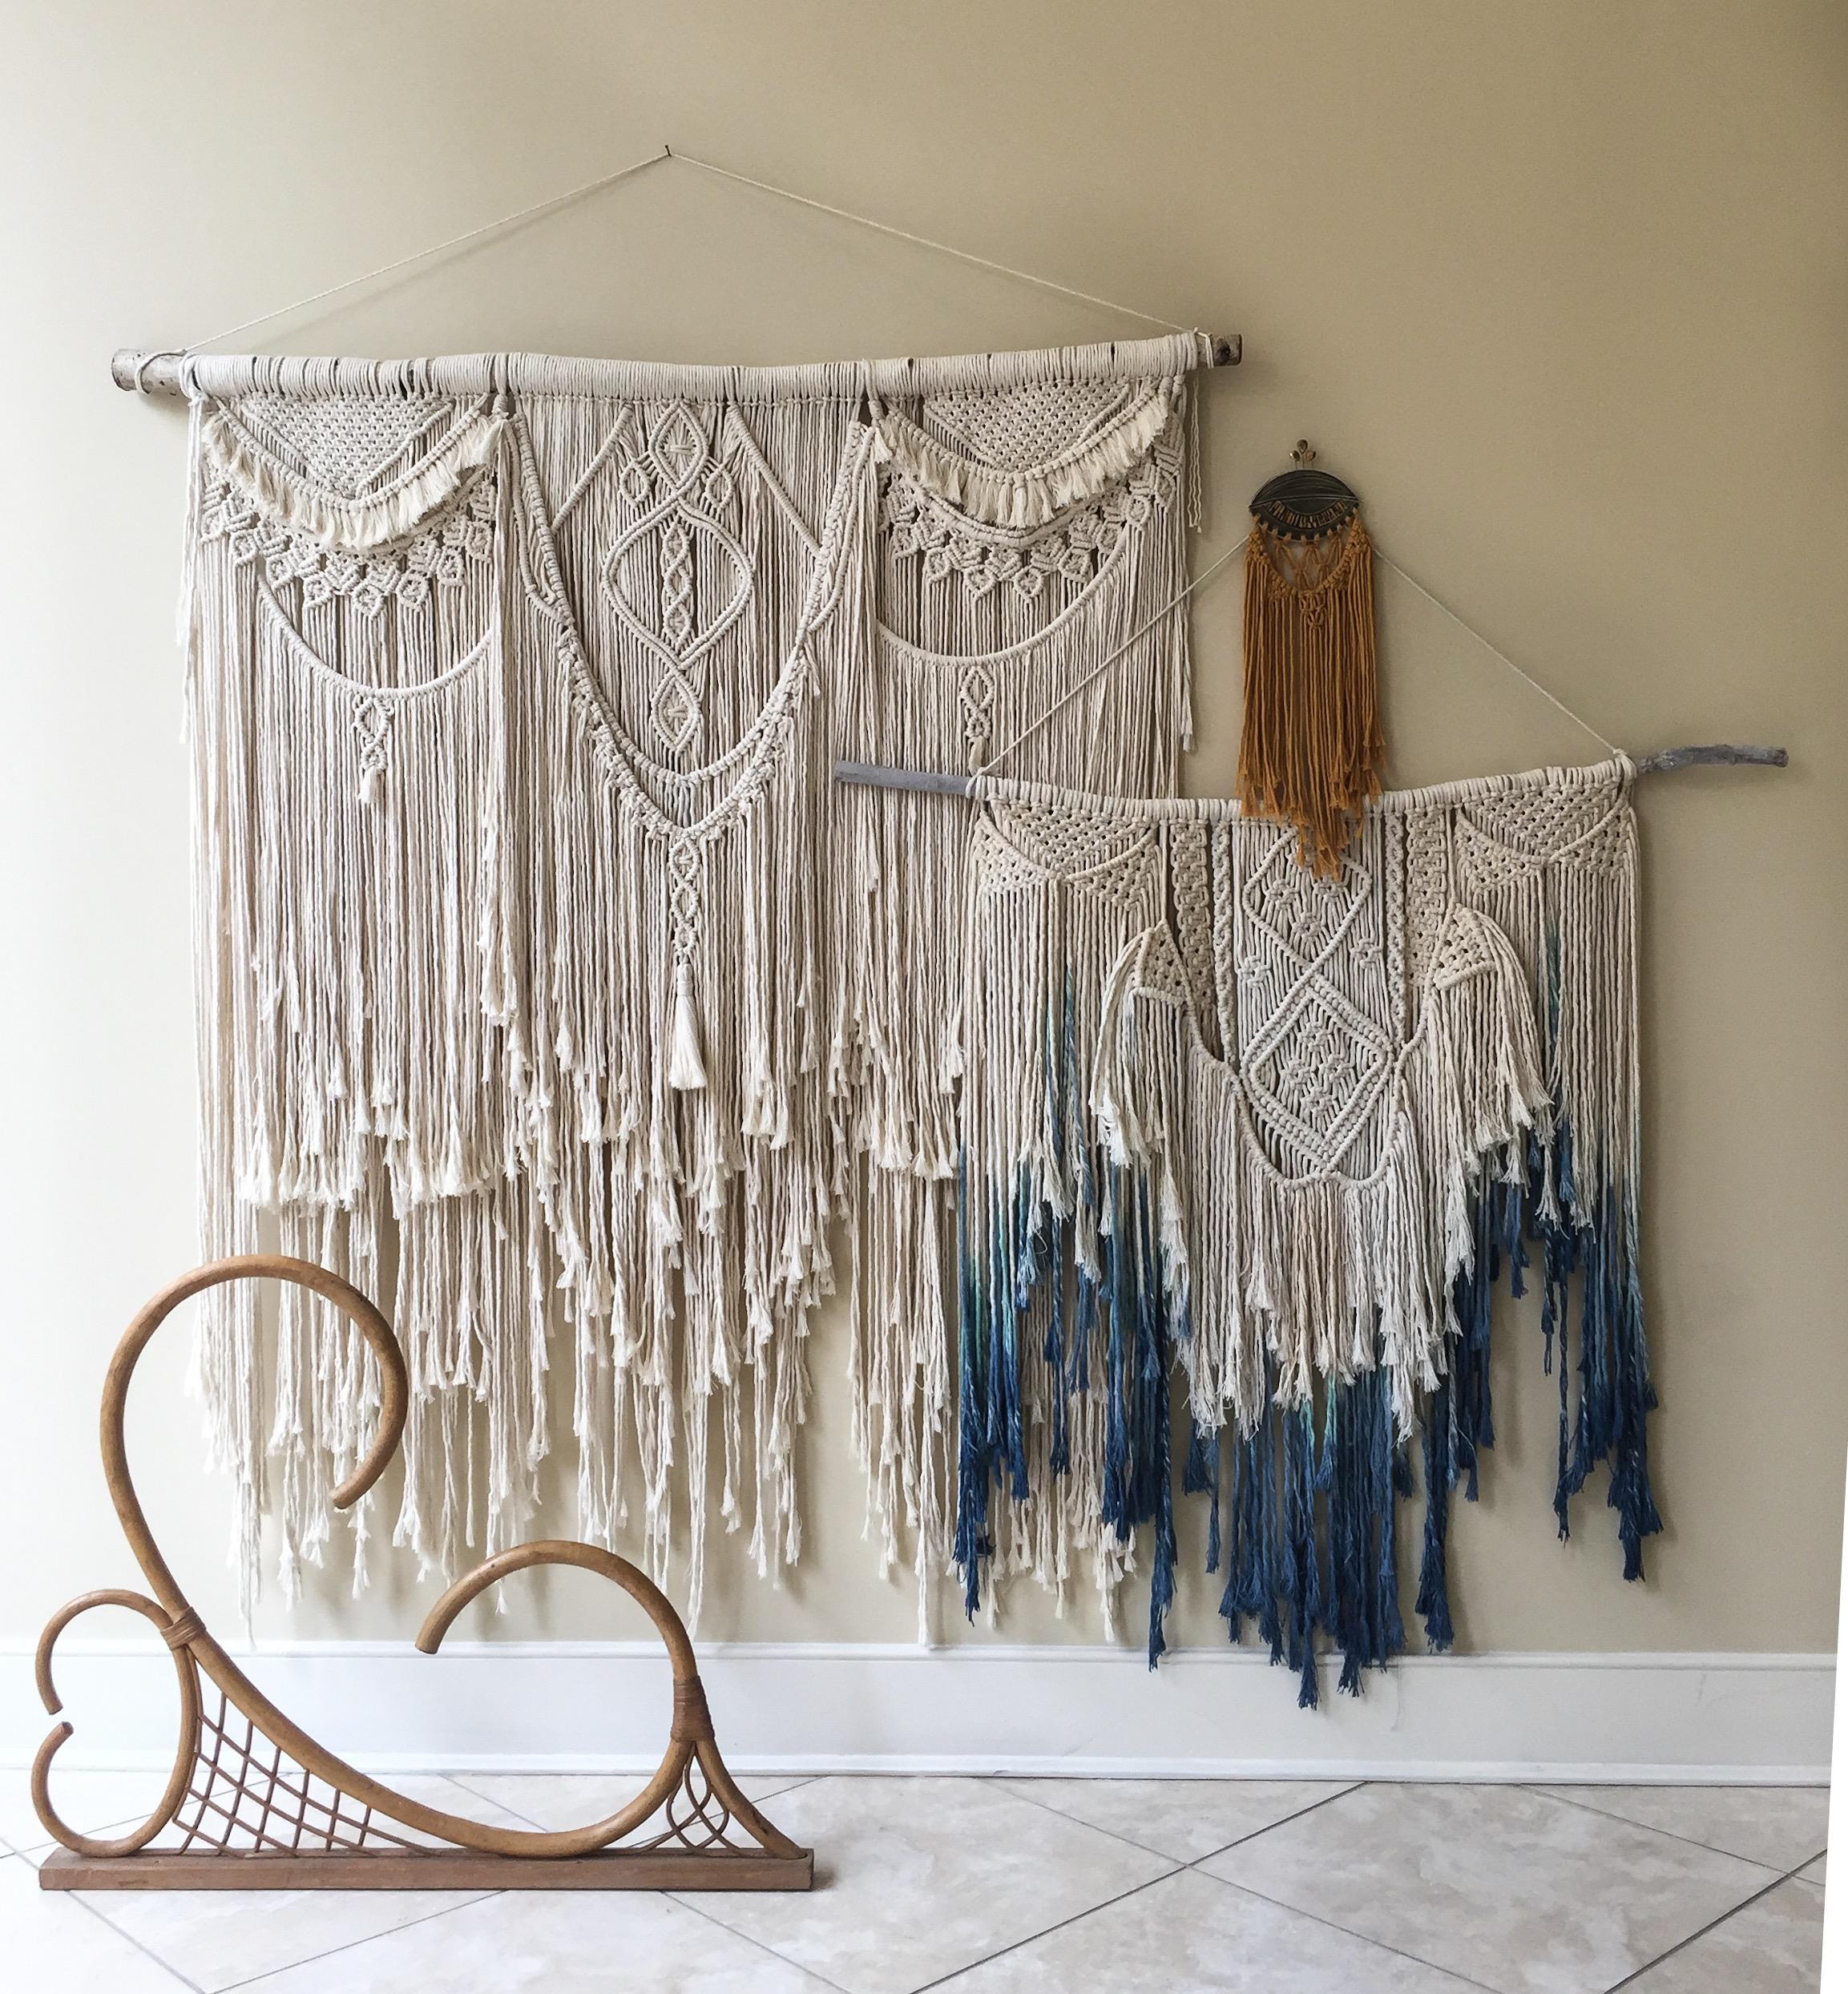 Layered macrame fiber art from Fiber Feels' Leah, a local Winchester, VA artist.